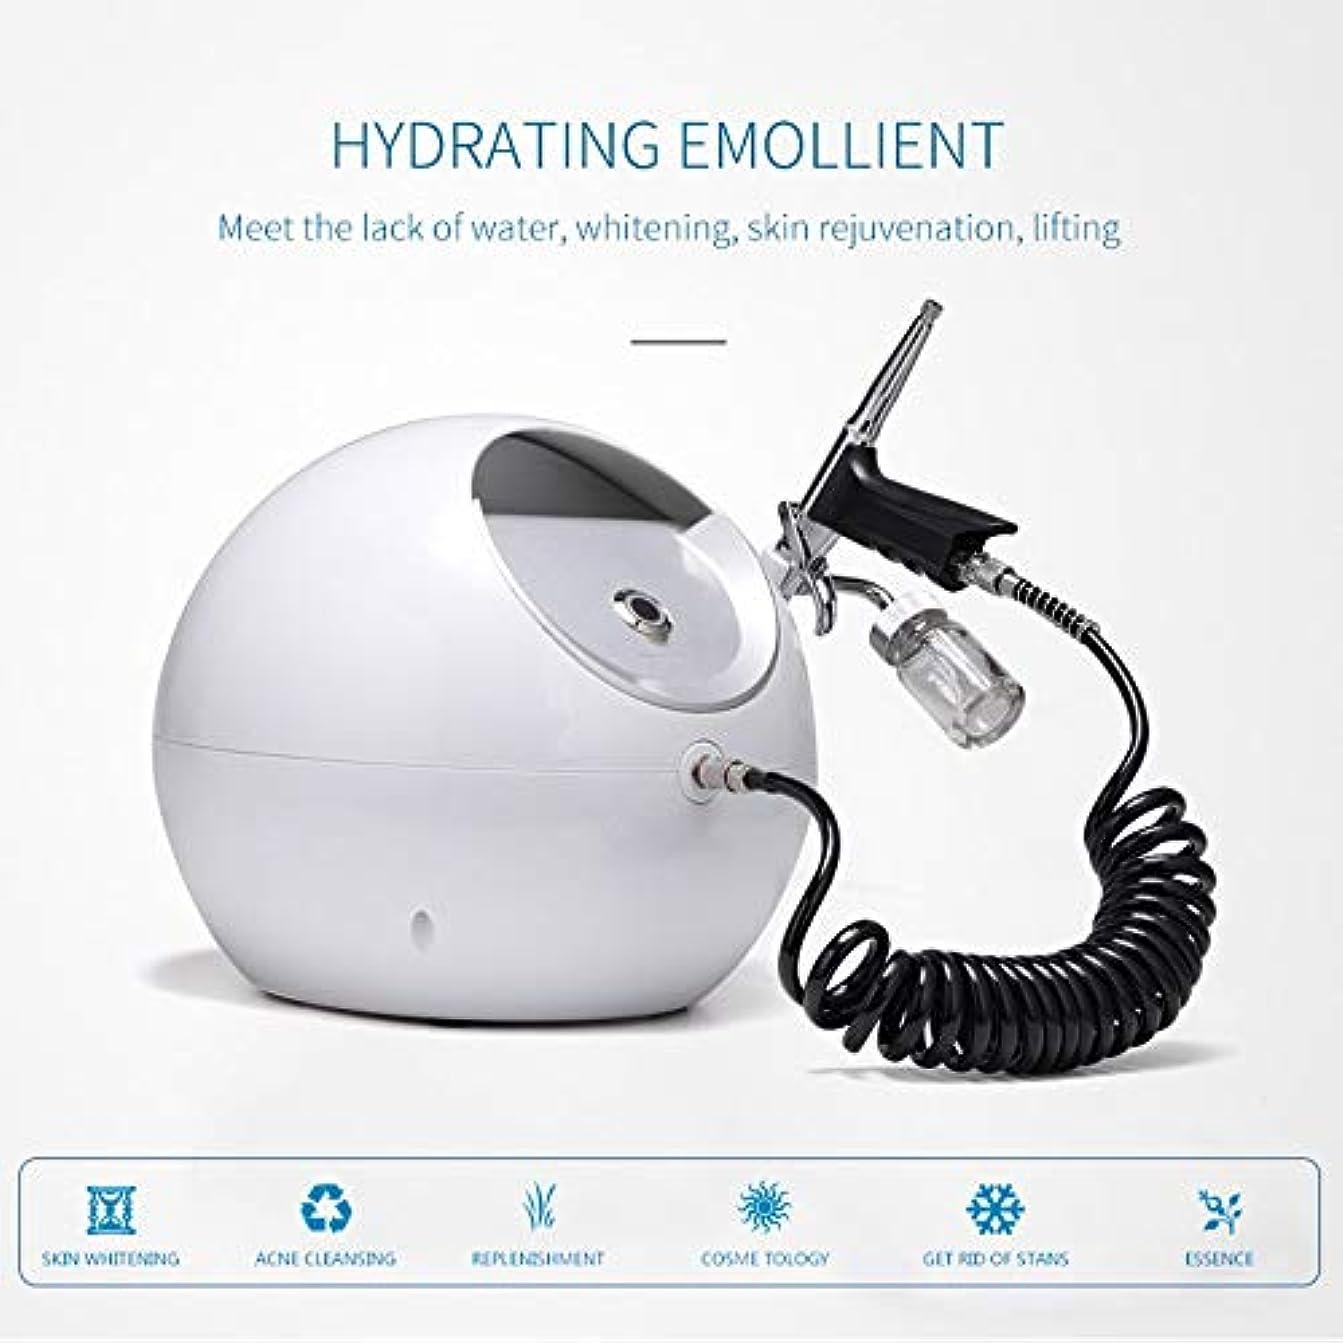 空いている対処する一般的に言えば2 In1 小バブル酸素ジェットピールハイドロフェイシャルダーマブレーションマシン、フェイシャルクリーニングブラックヘッドにきびのための皮膚酸素注入美容機器